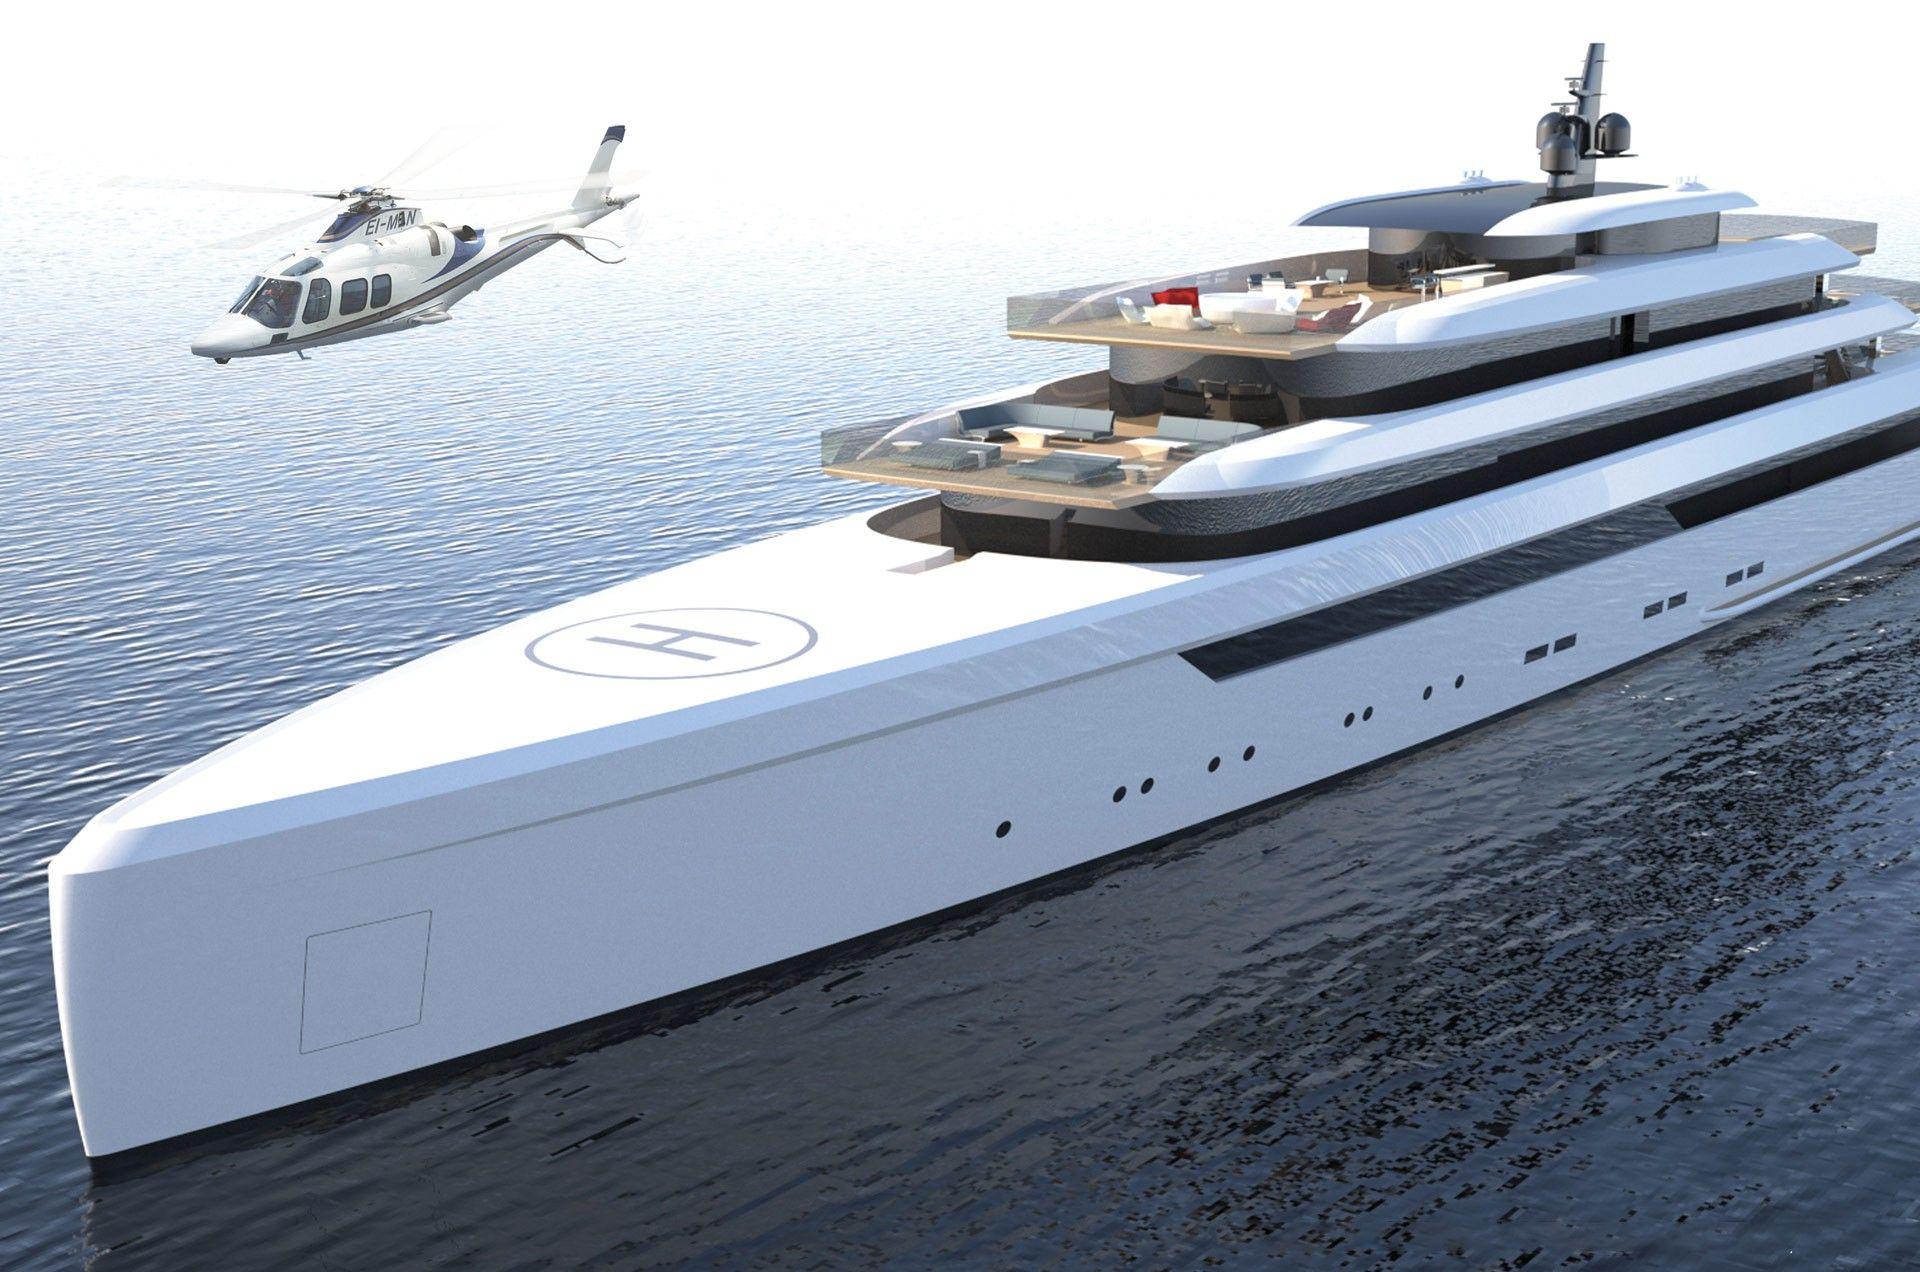 Luxus segelyacht holz  Nobiskrug Superyachts | Luxus Yachten | Pinterest | Yachten, Luxus ...